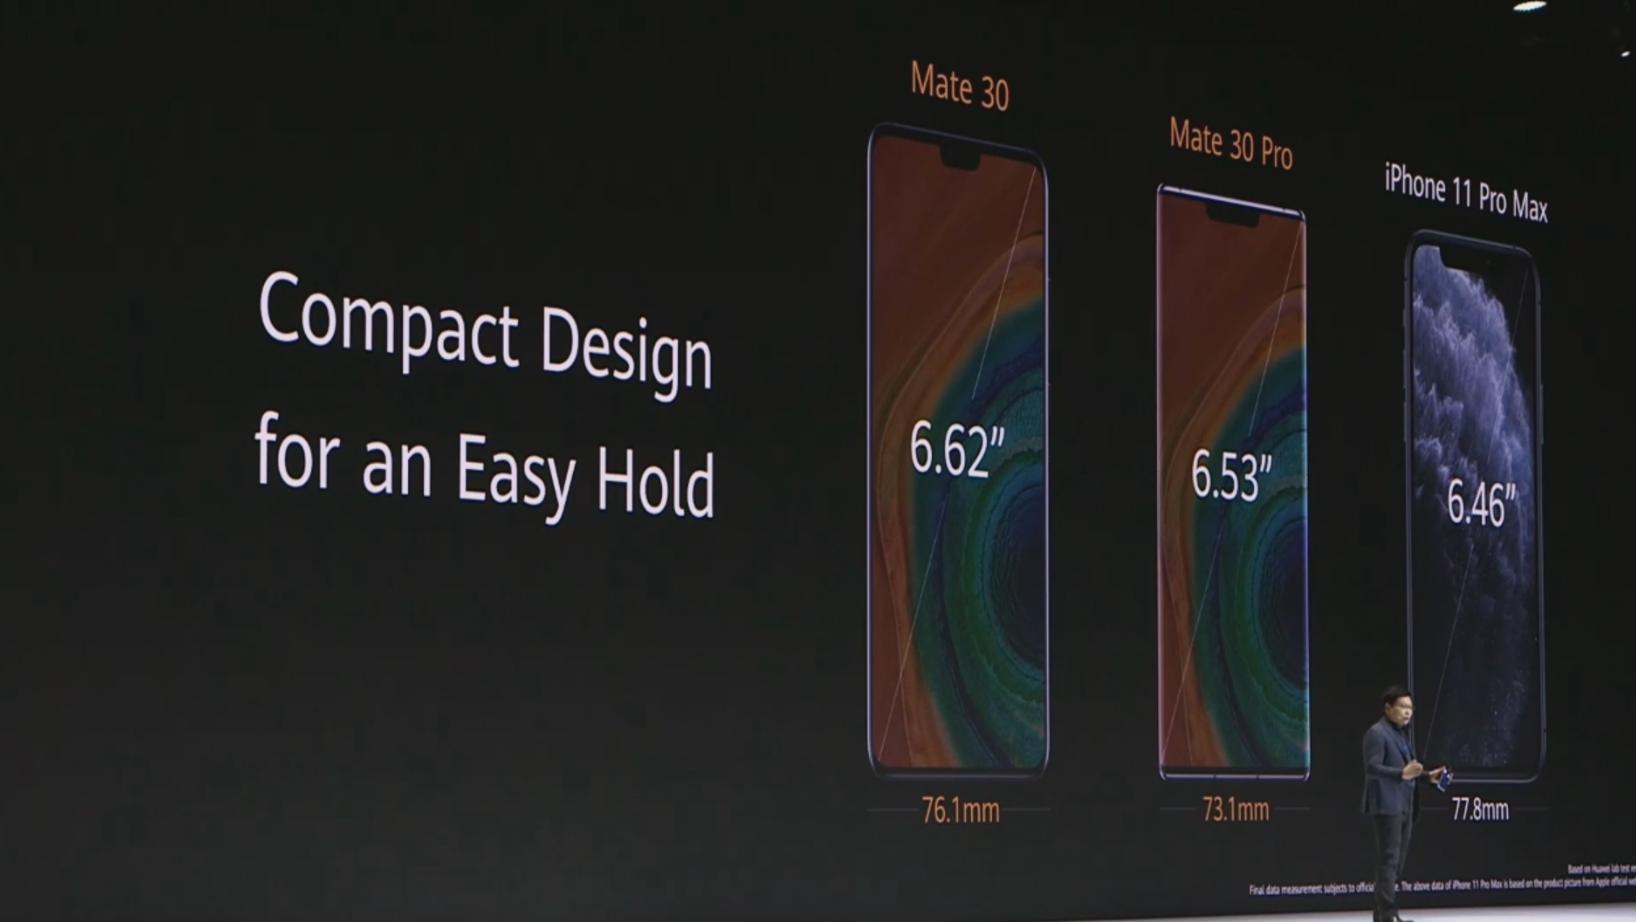 华为Mate 30采用6.62英寸OLED全面屏 需求推动下相关标的投资价值凸显